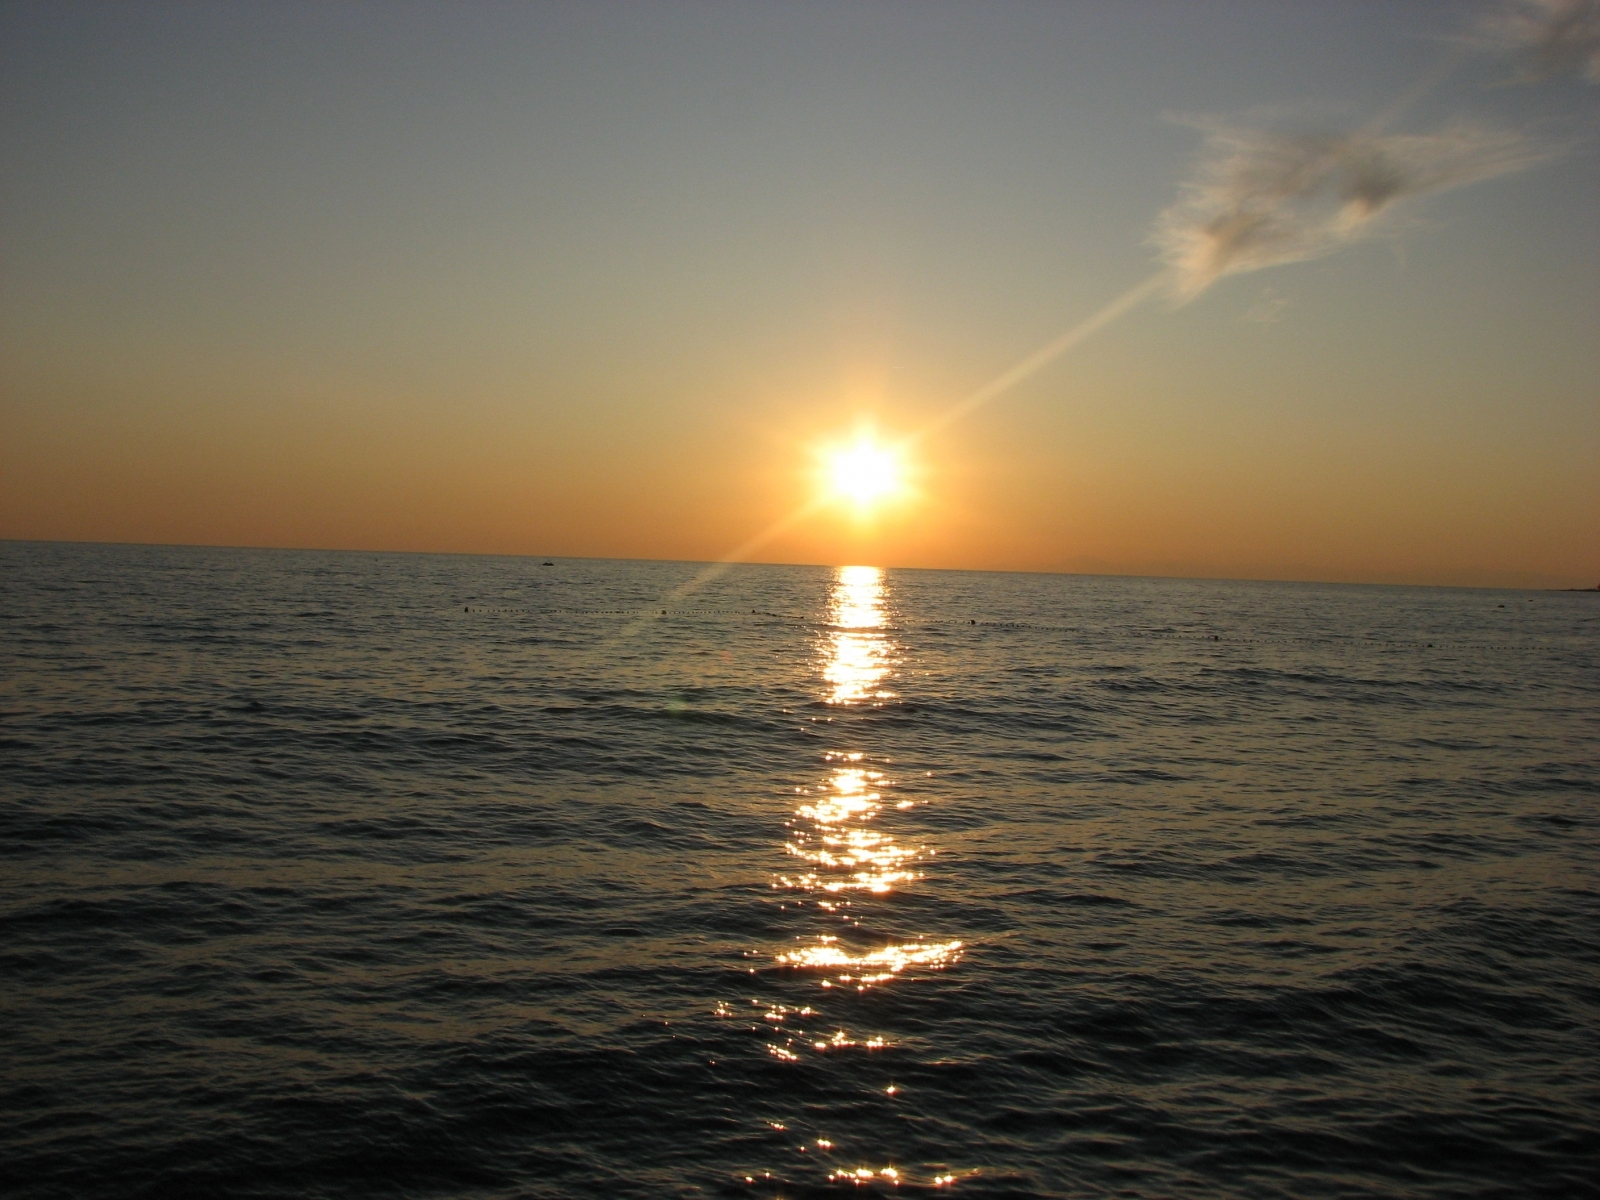 5110 скачать обои Пейзаж, Вода, Закат, Небо, Море, Солнце - заставки и картинки бесплатно